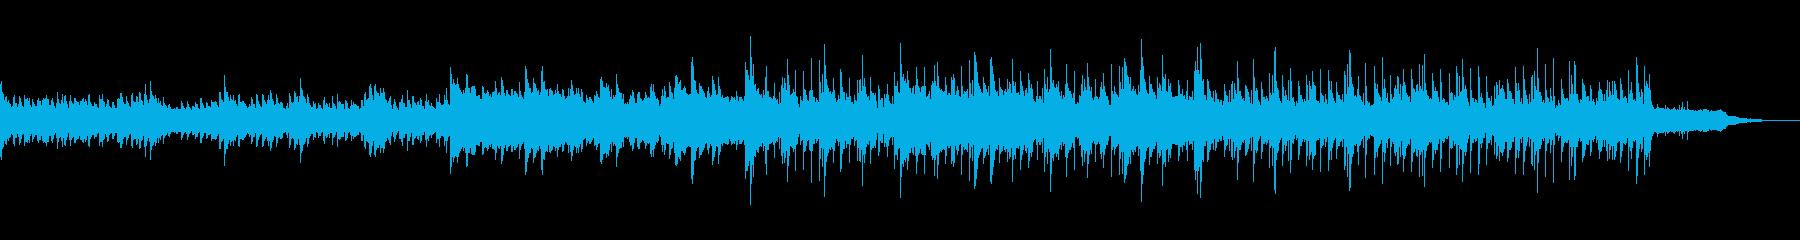 ポジティブを感じるピアノ曲の再生済みの波形